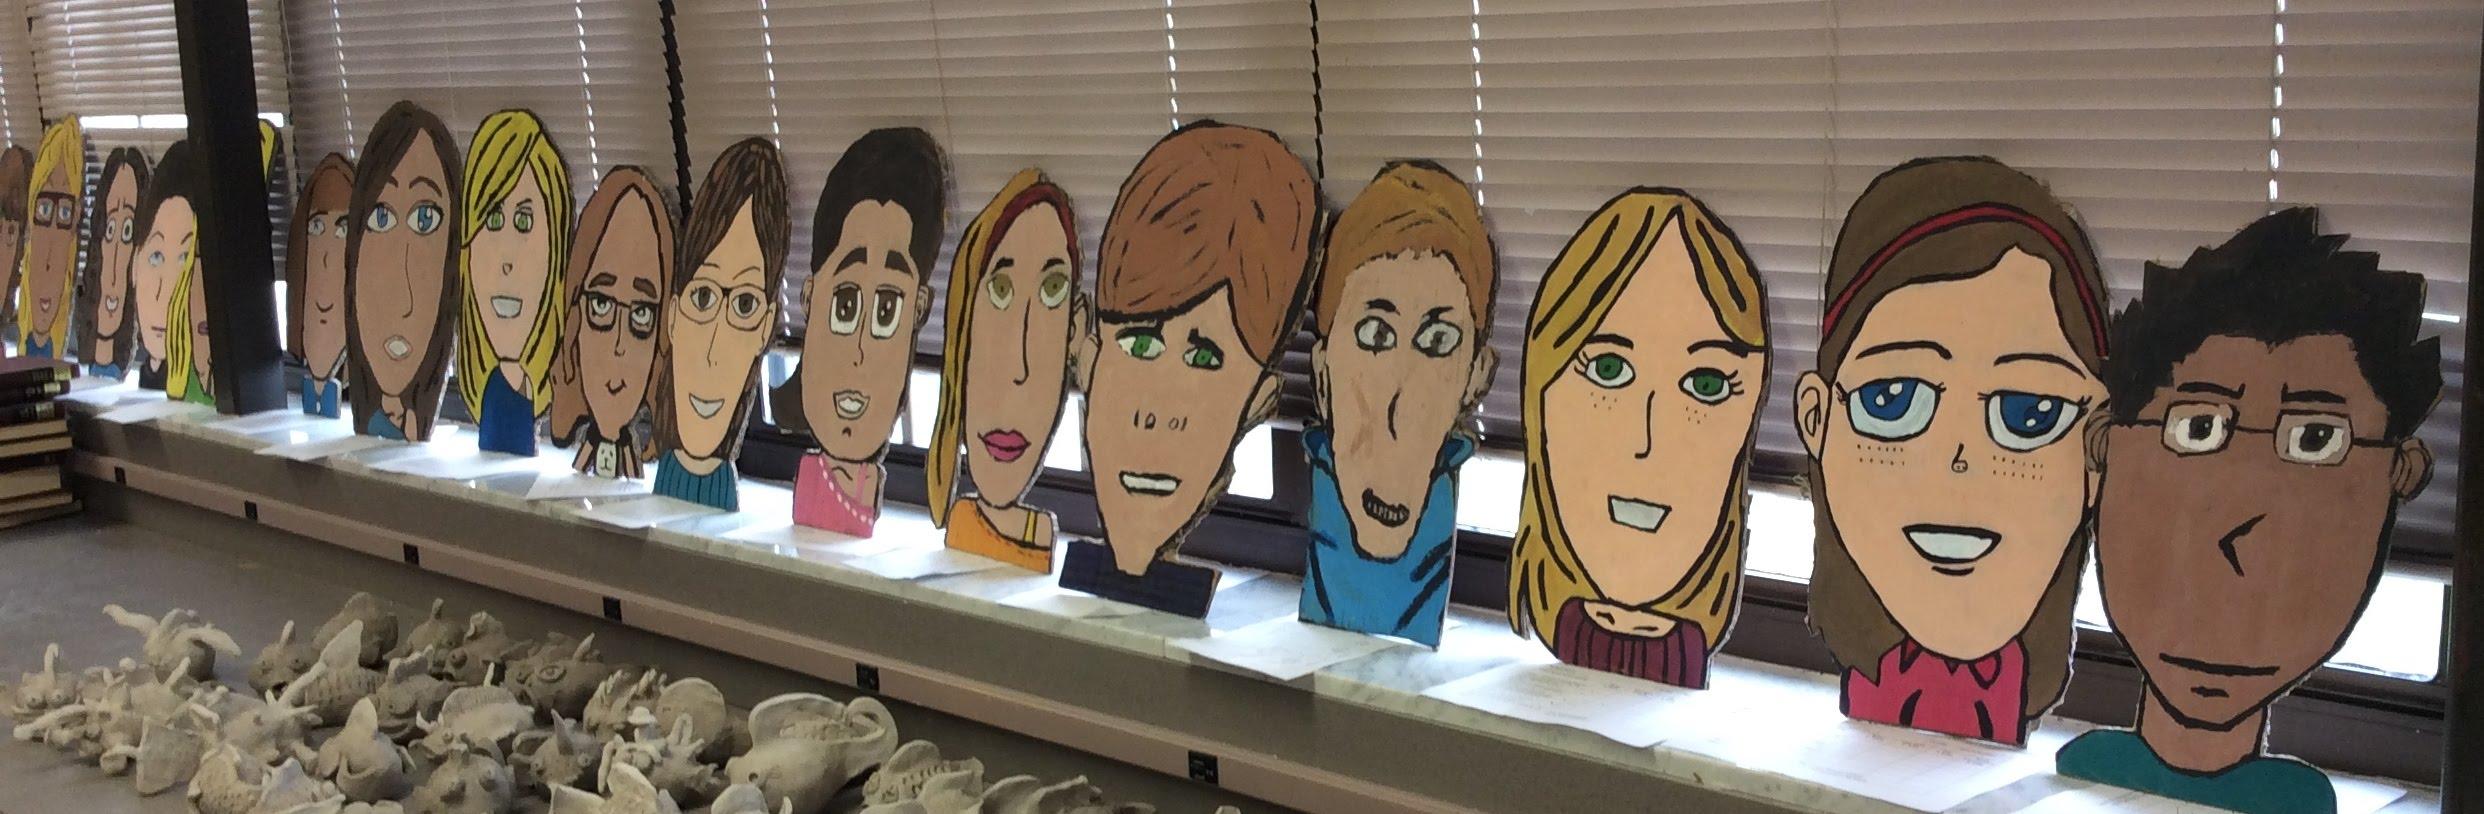 Greencastle Middle School Art